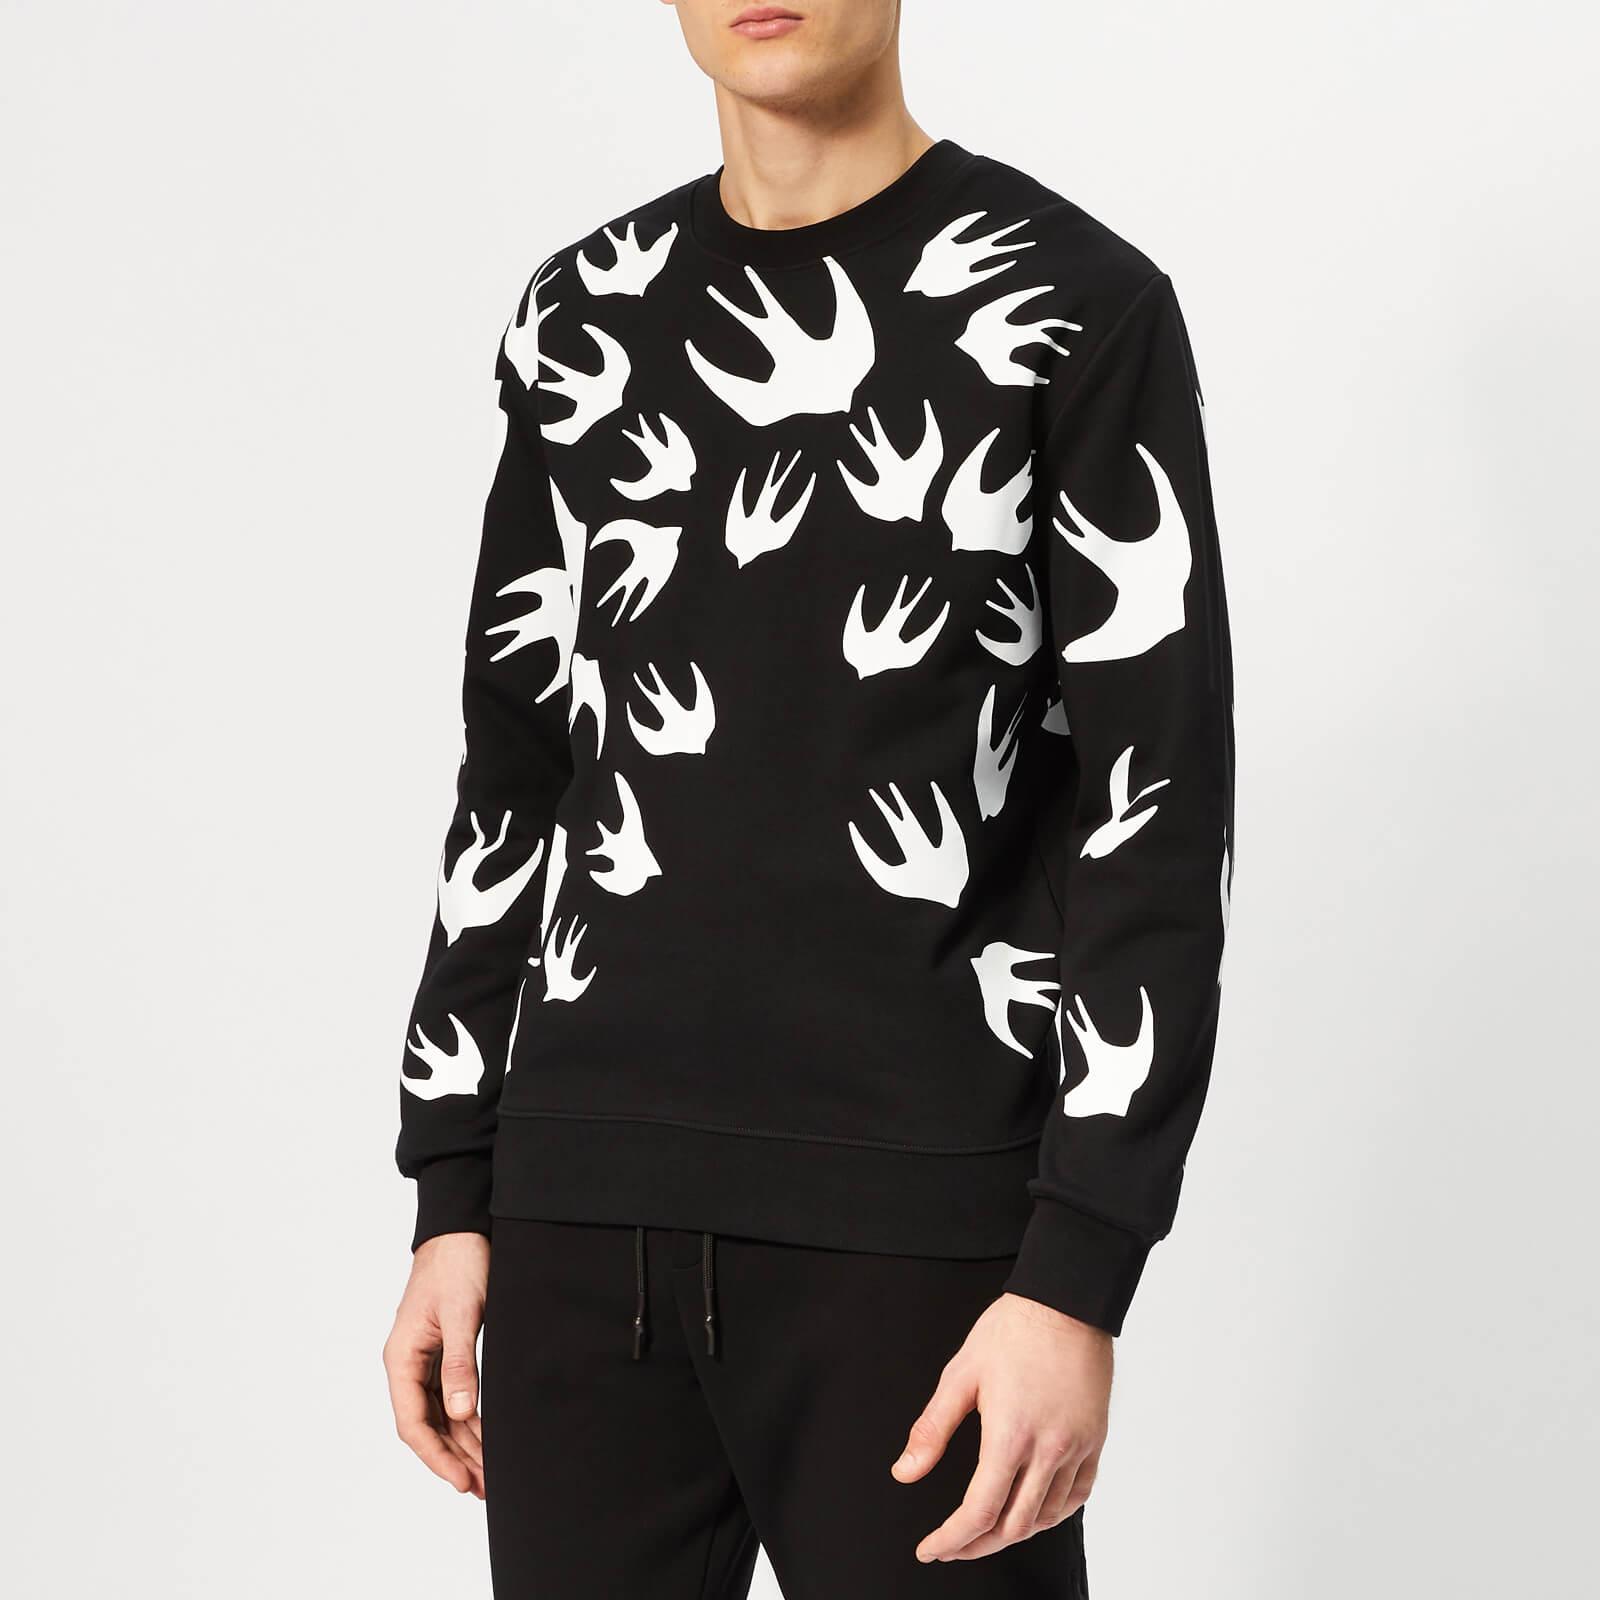 229b9b29c41 McQ Alexander McQueen Men s Swallow Swarm Pigment Sweatshirt - Darkest Black  - Free UK Delivery over £50